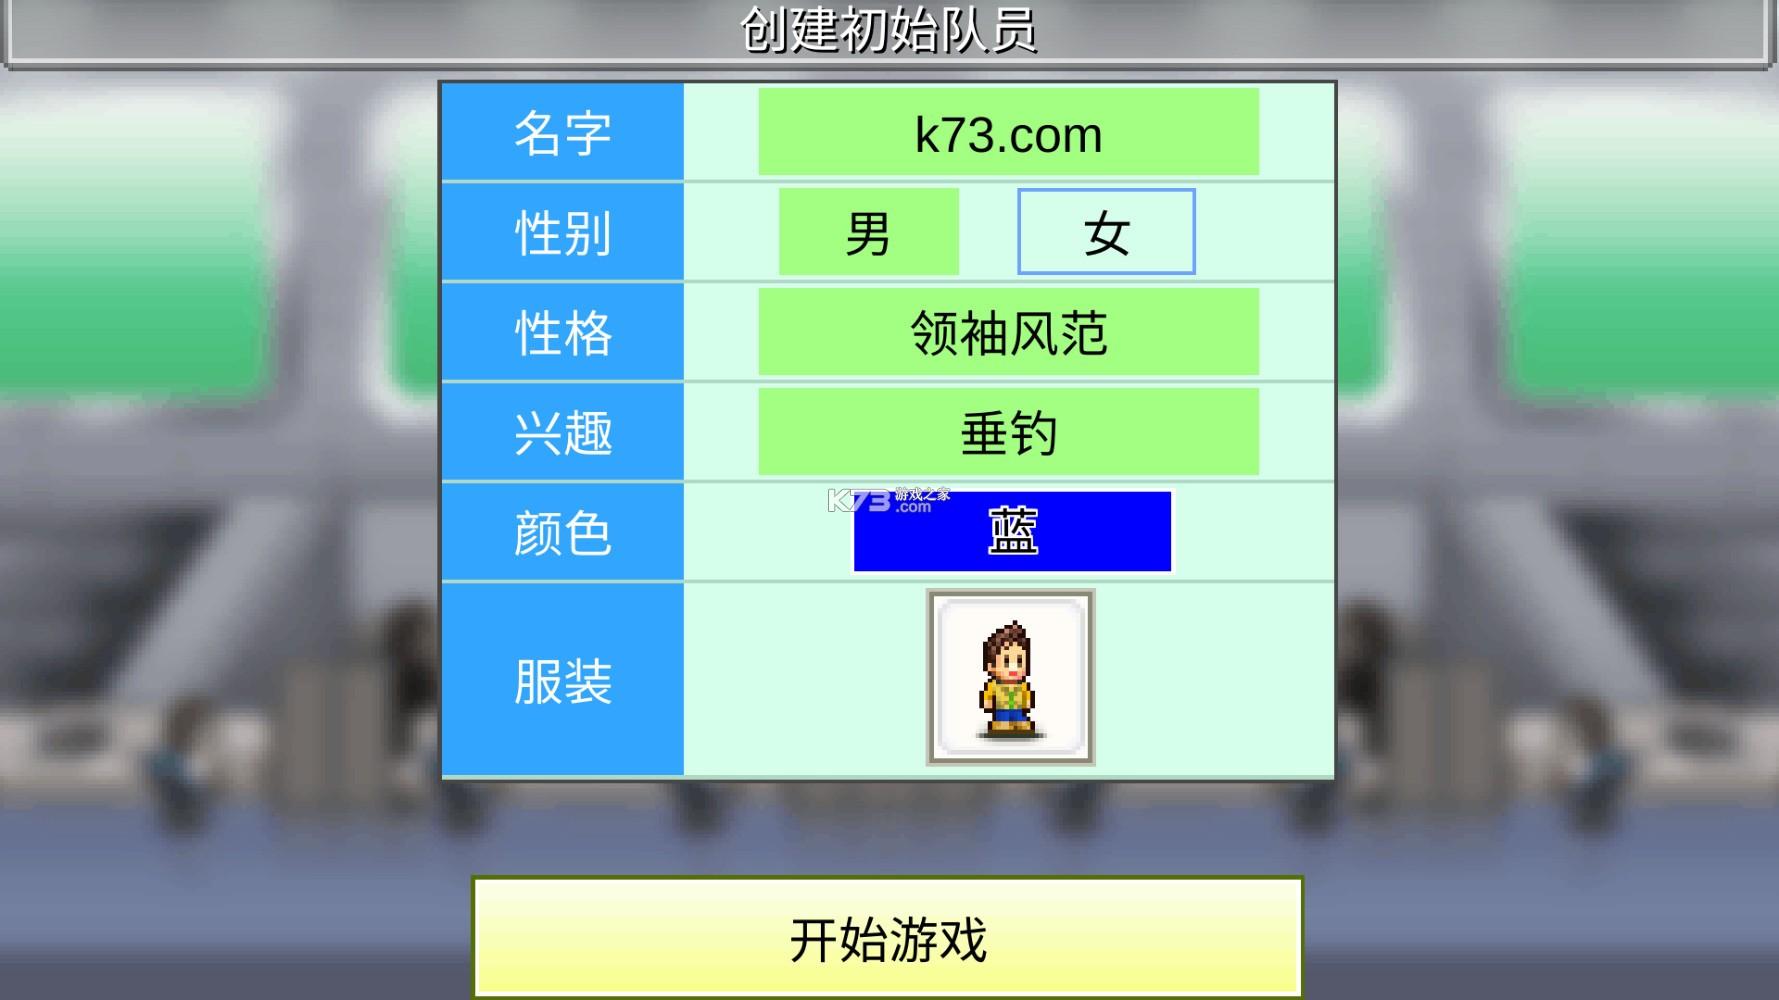 英雄战队物语 v2.1.7 最新破解版 截图